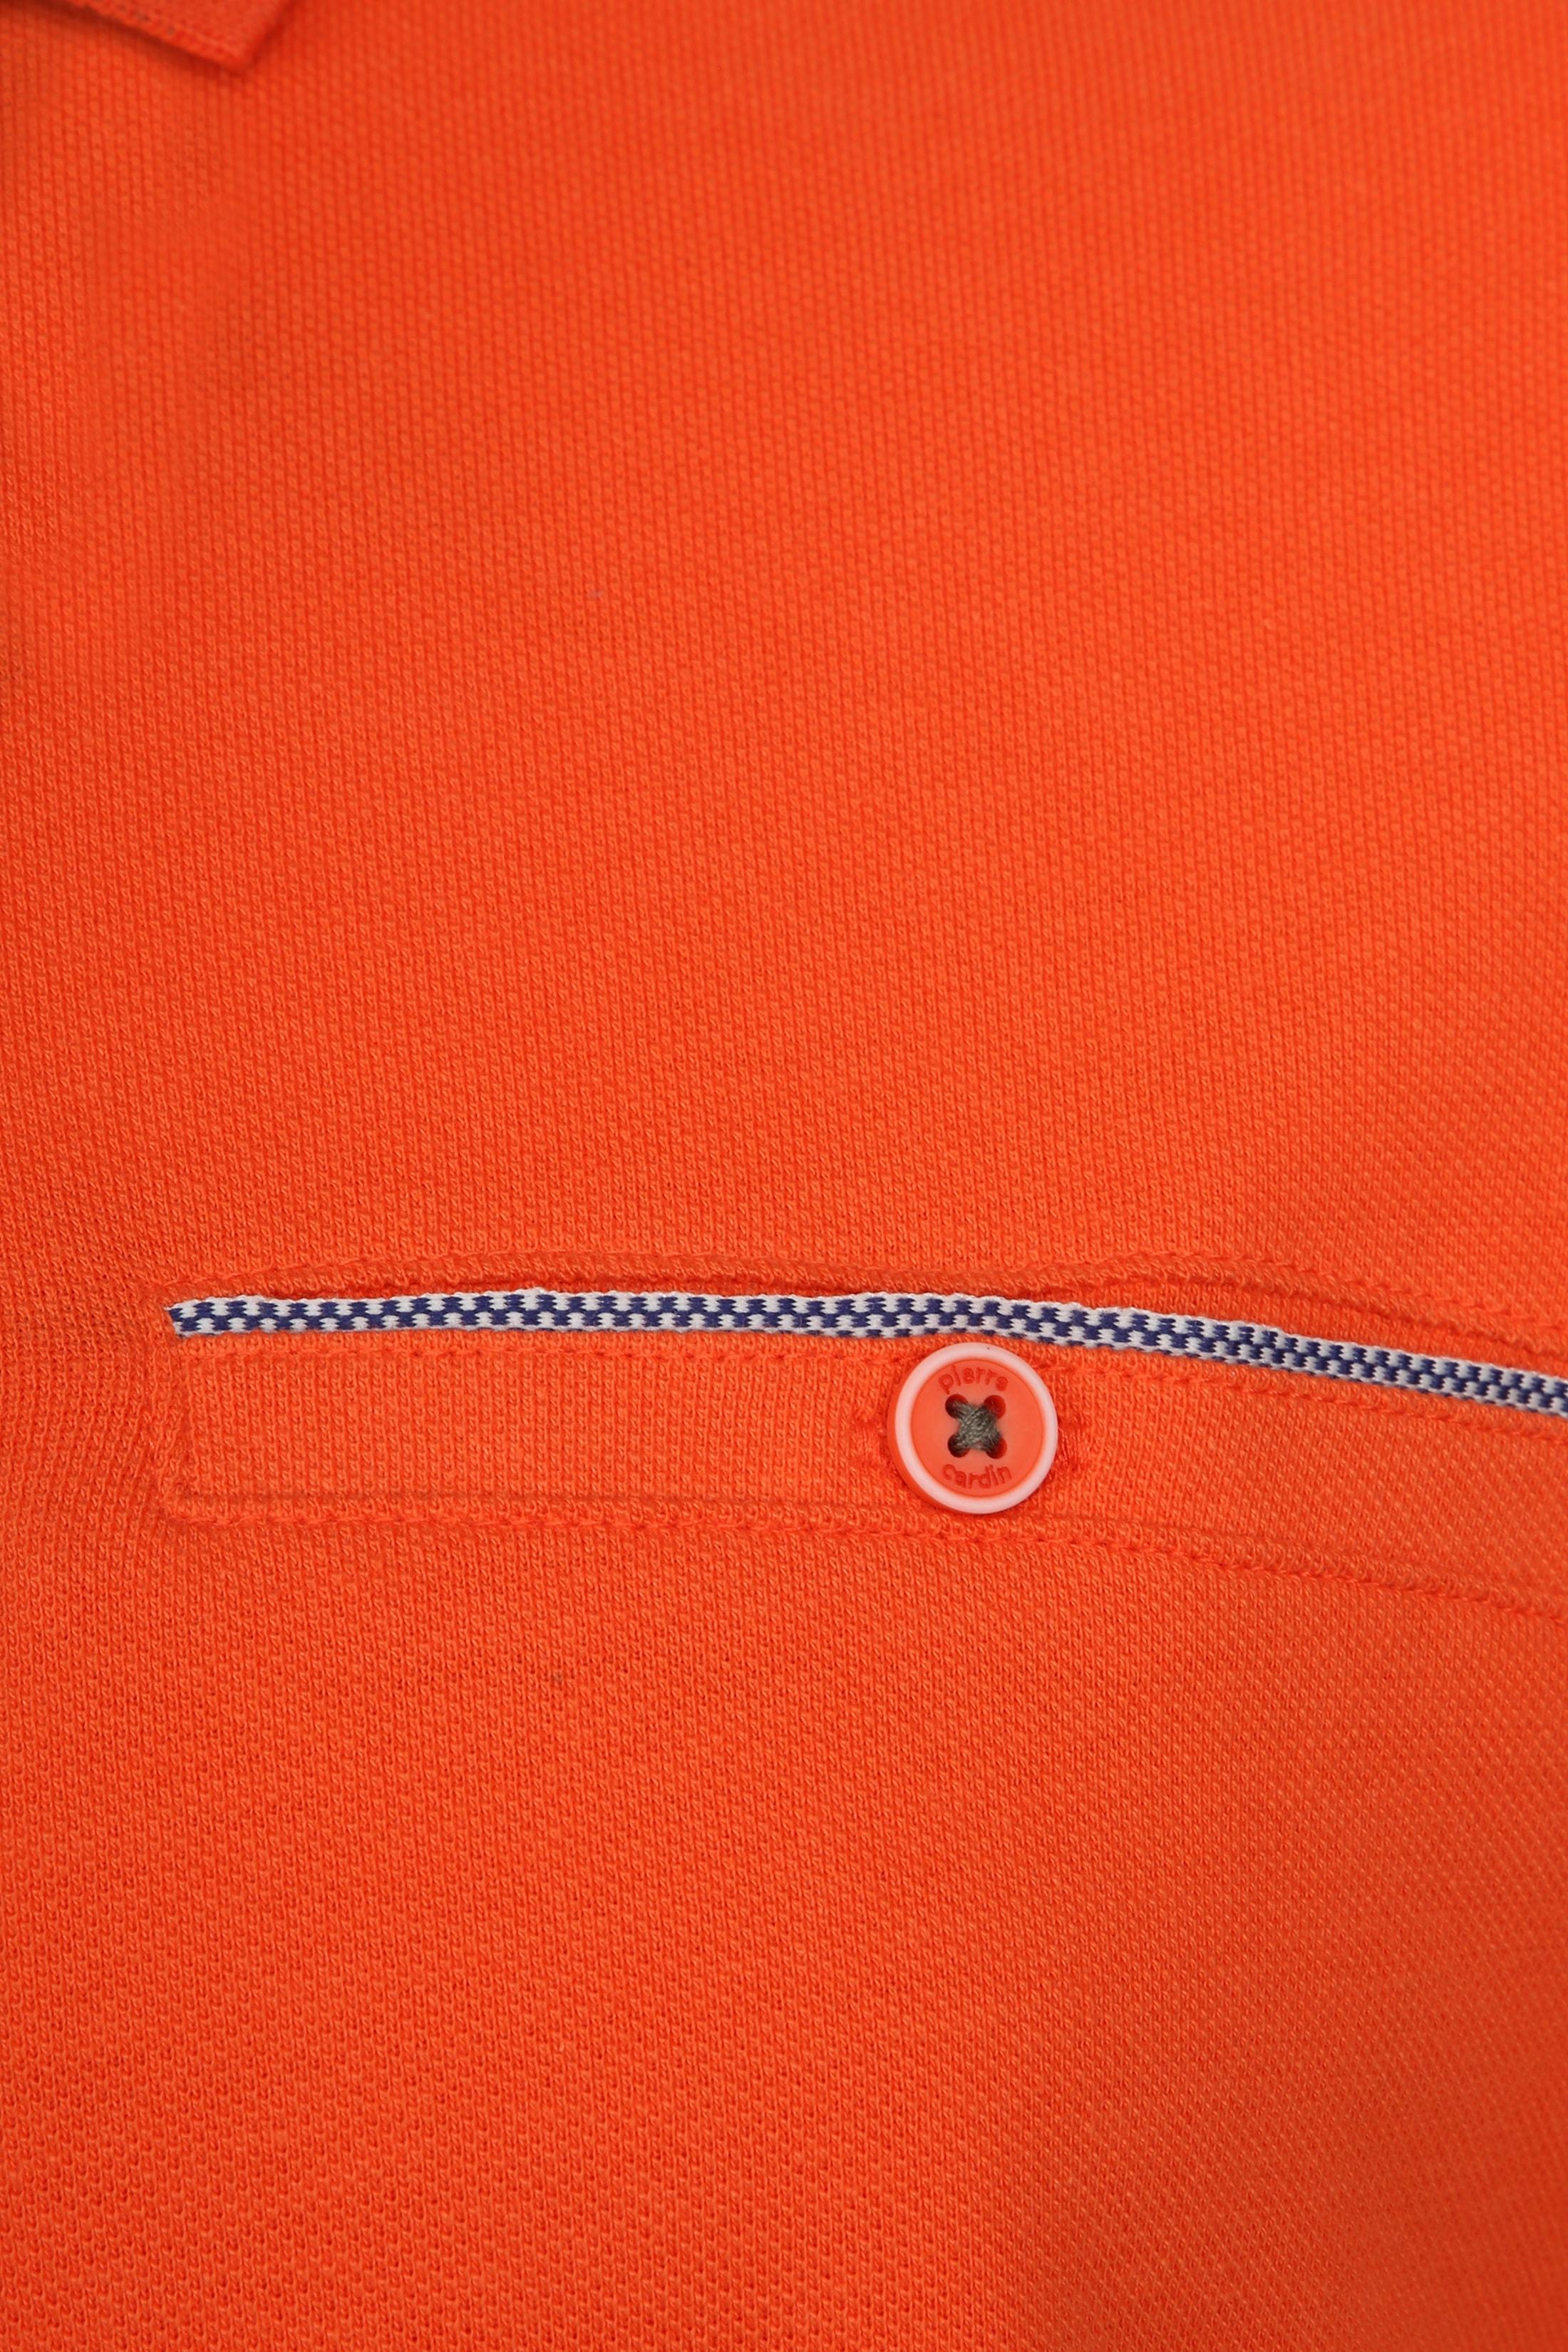 Pierre Cardin Polo Airtouch Oranje foto 2